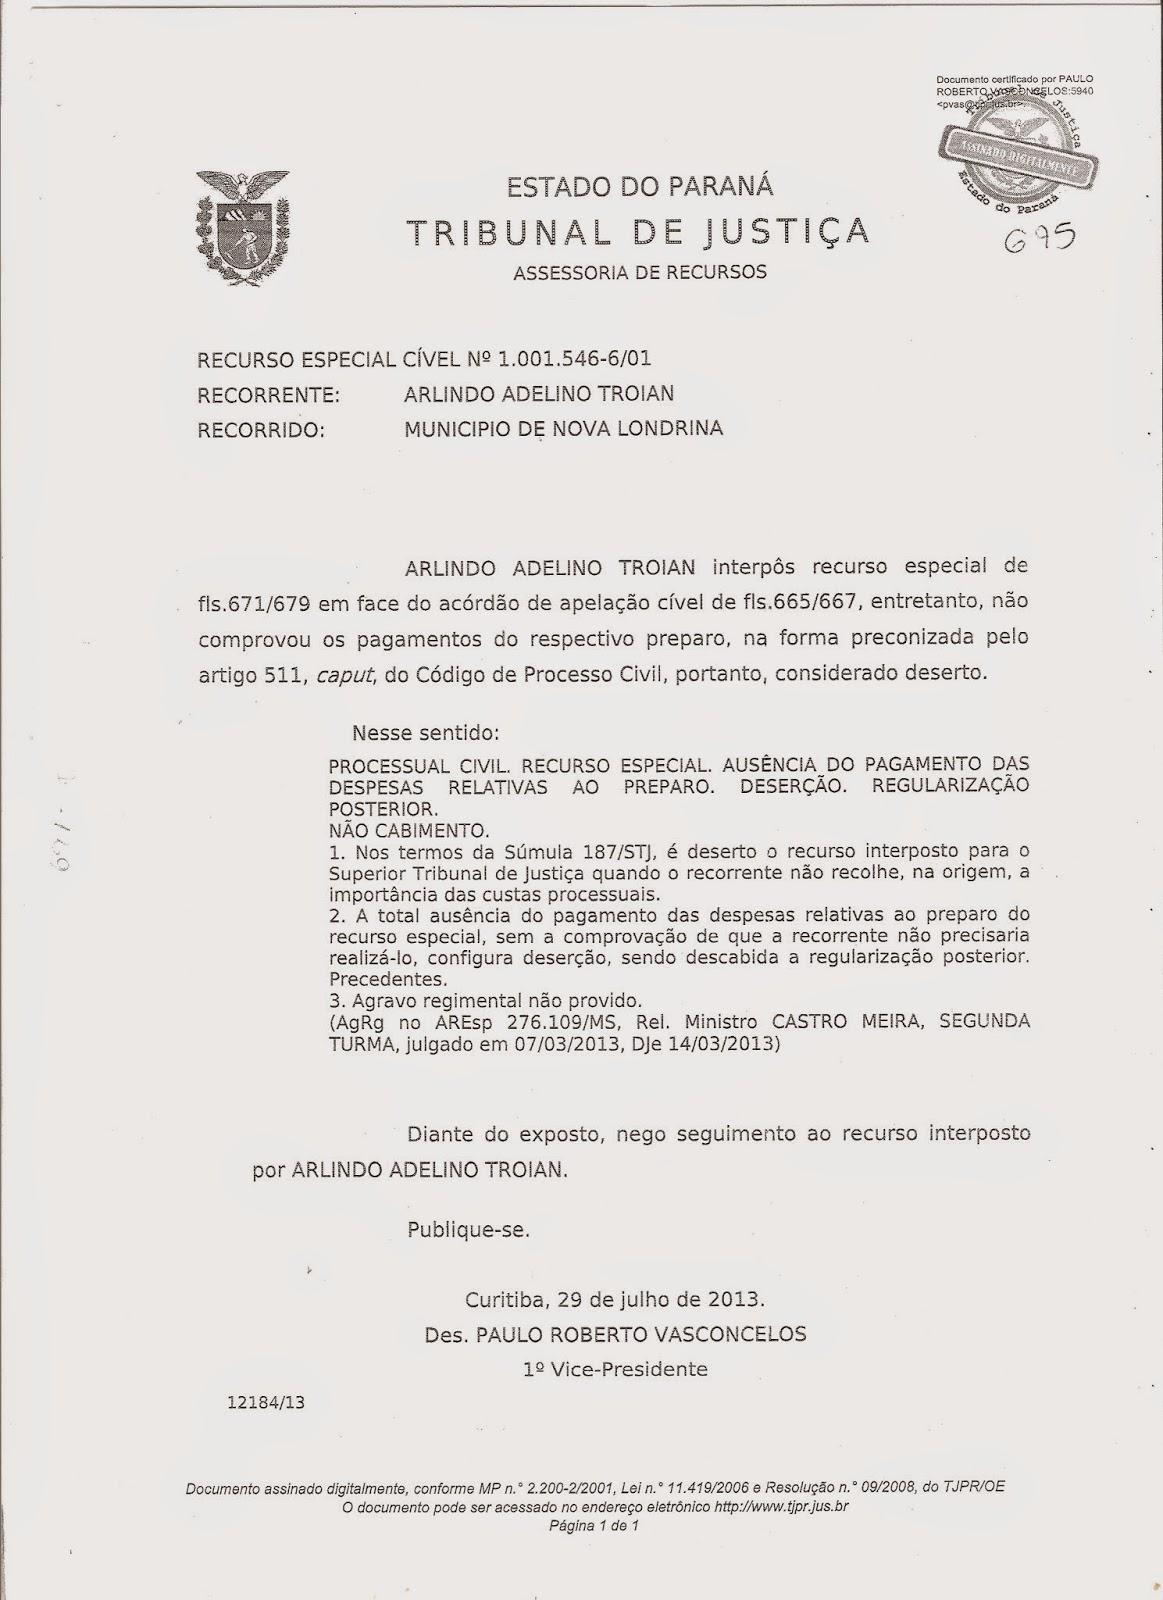 Artigo 267 inciso iv do codigo de processo civil